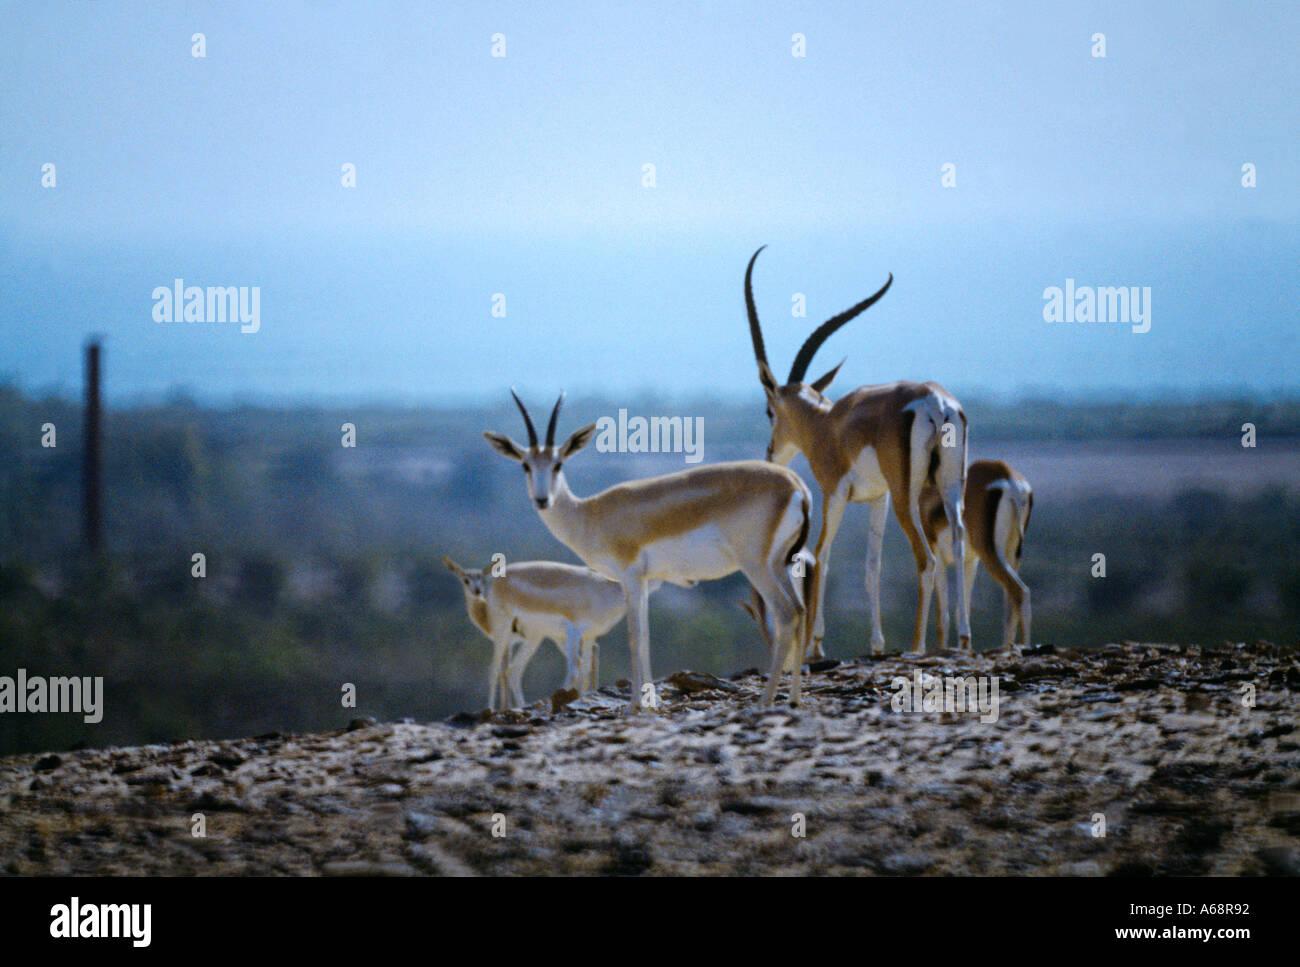 Abu Dhabi UAE Sir Bani Yas Island Nature Reserve Oryx - Stock Image